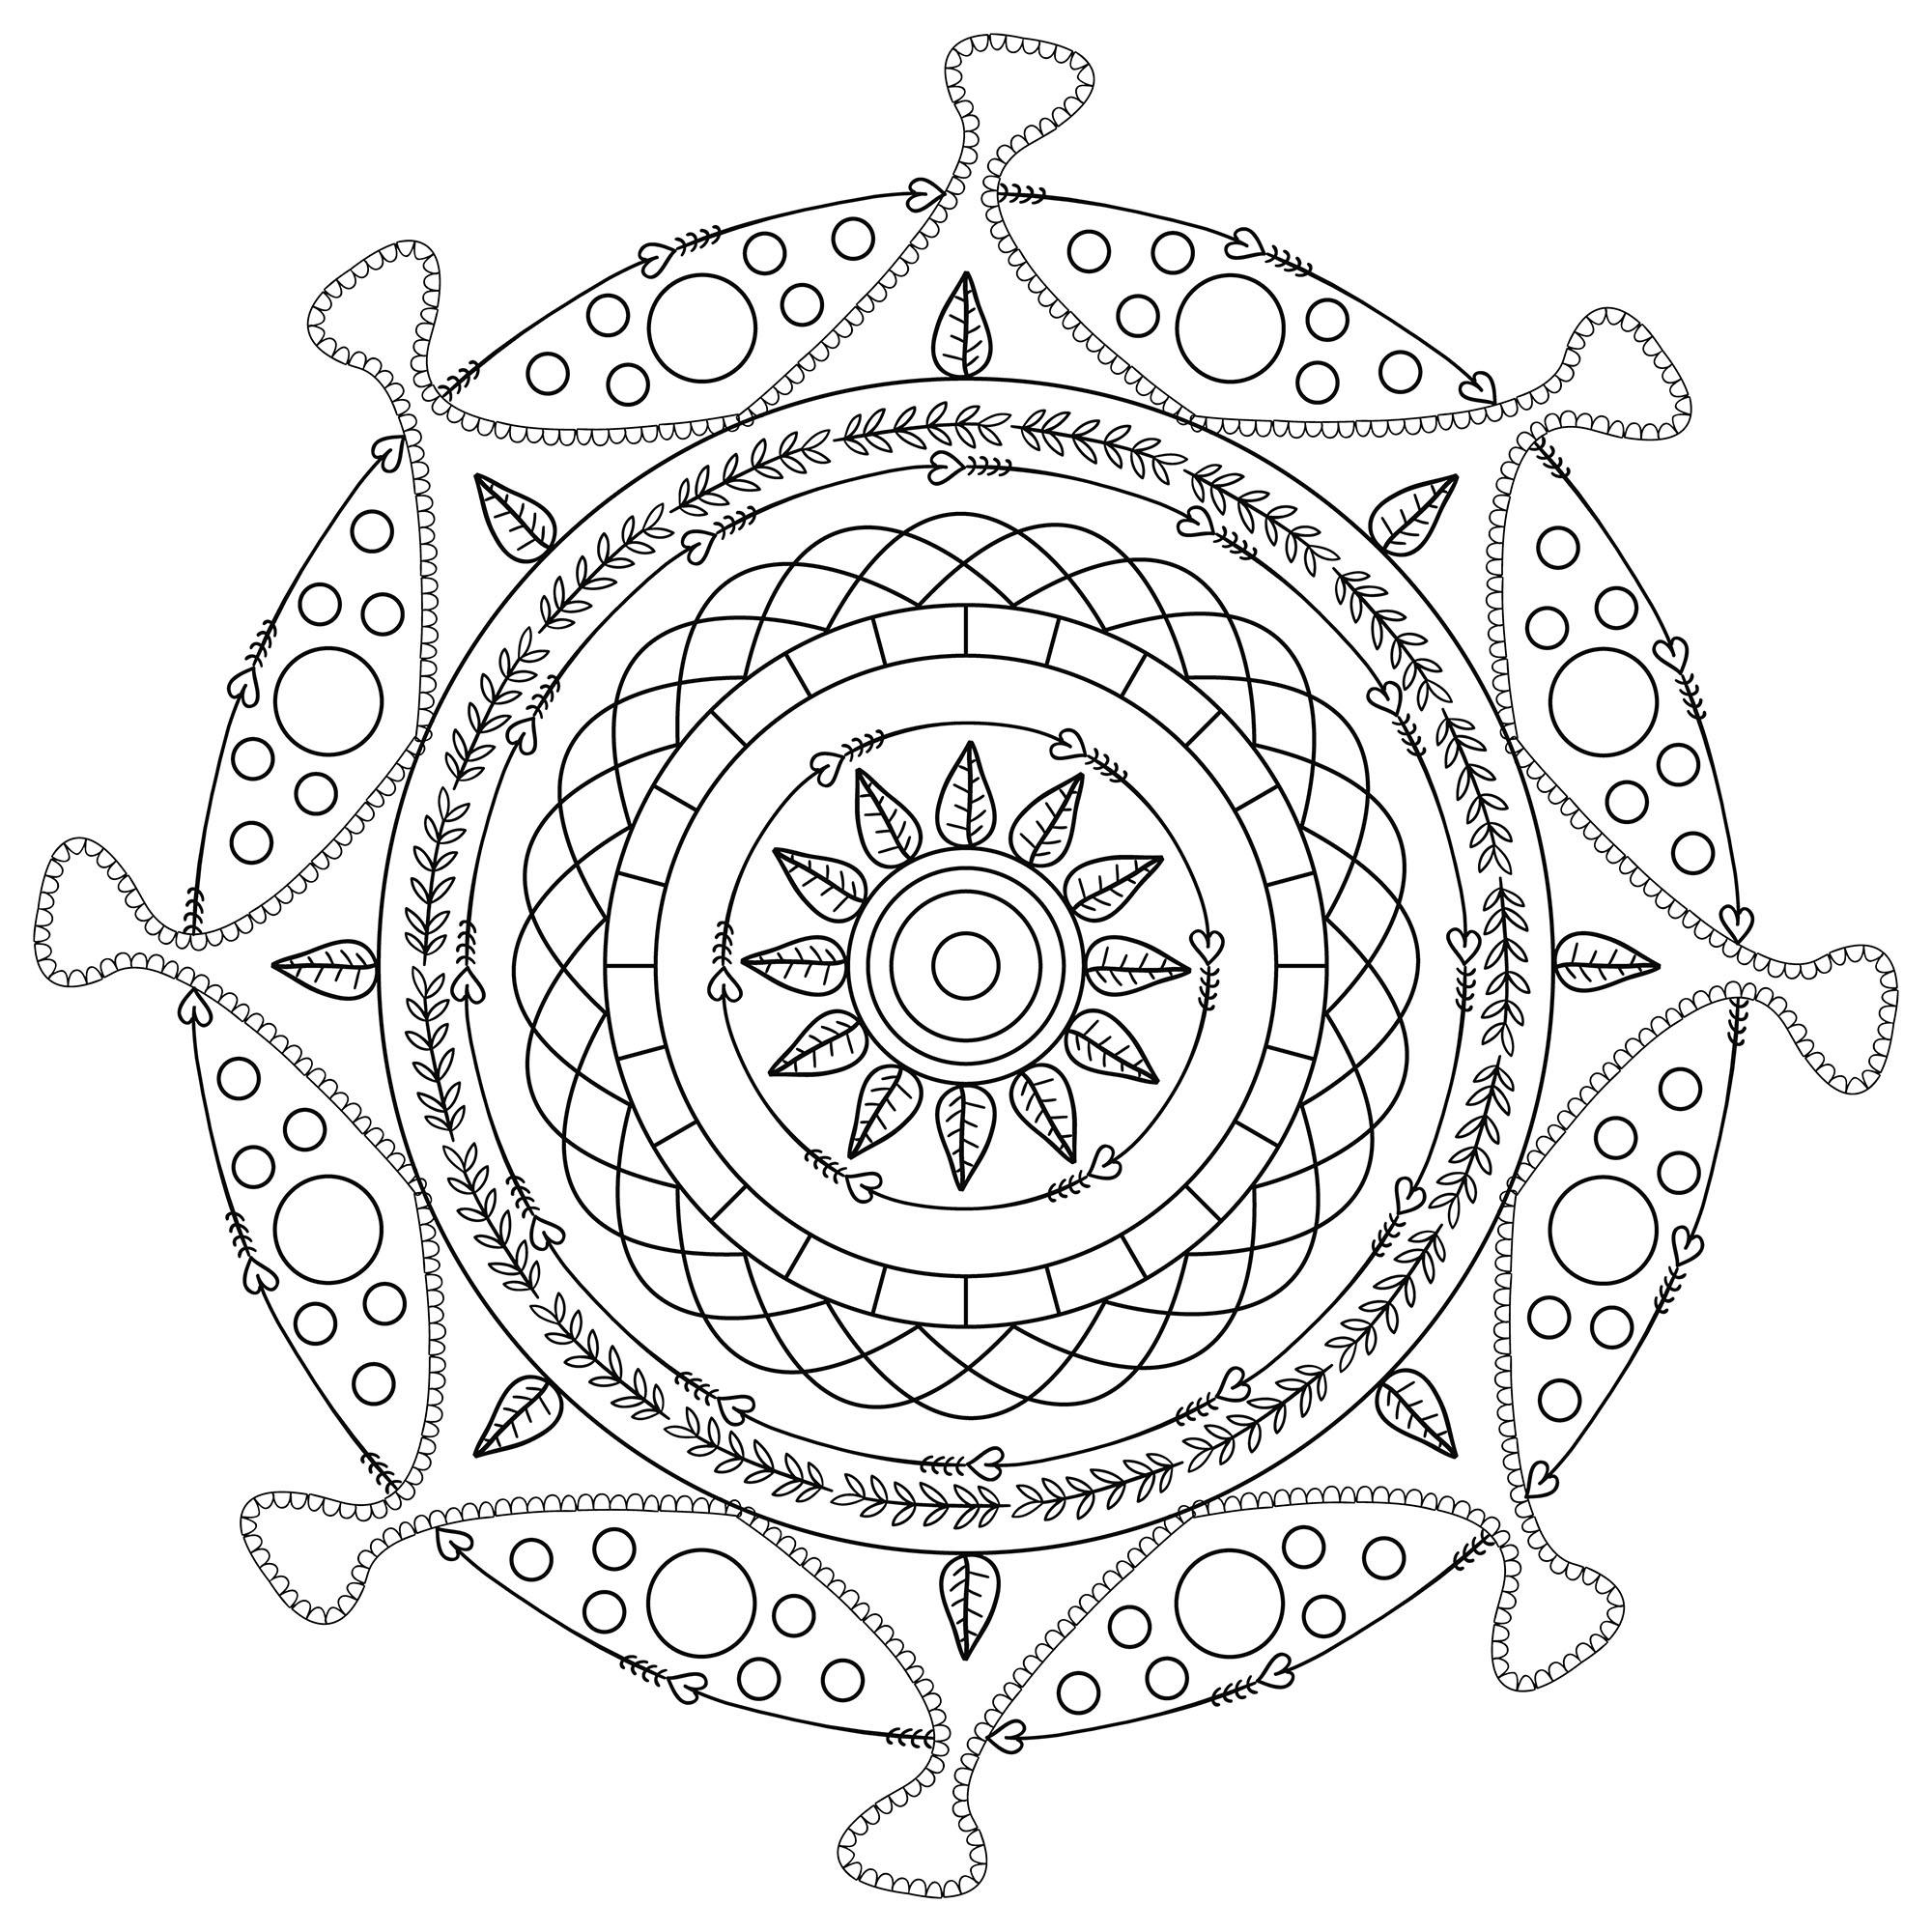 Free mandala mpc design 9 - Simple Mandalas - 100% ...